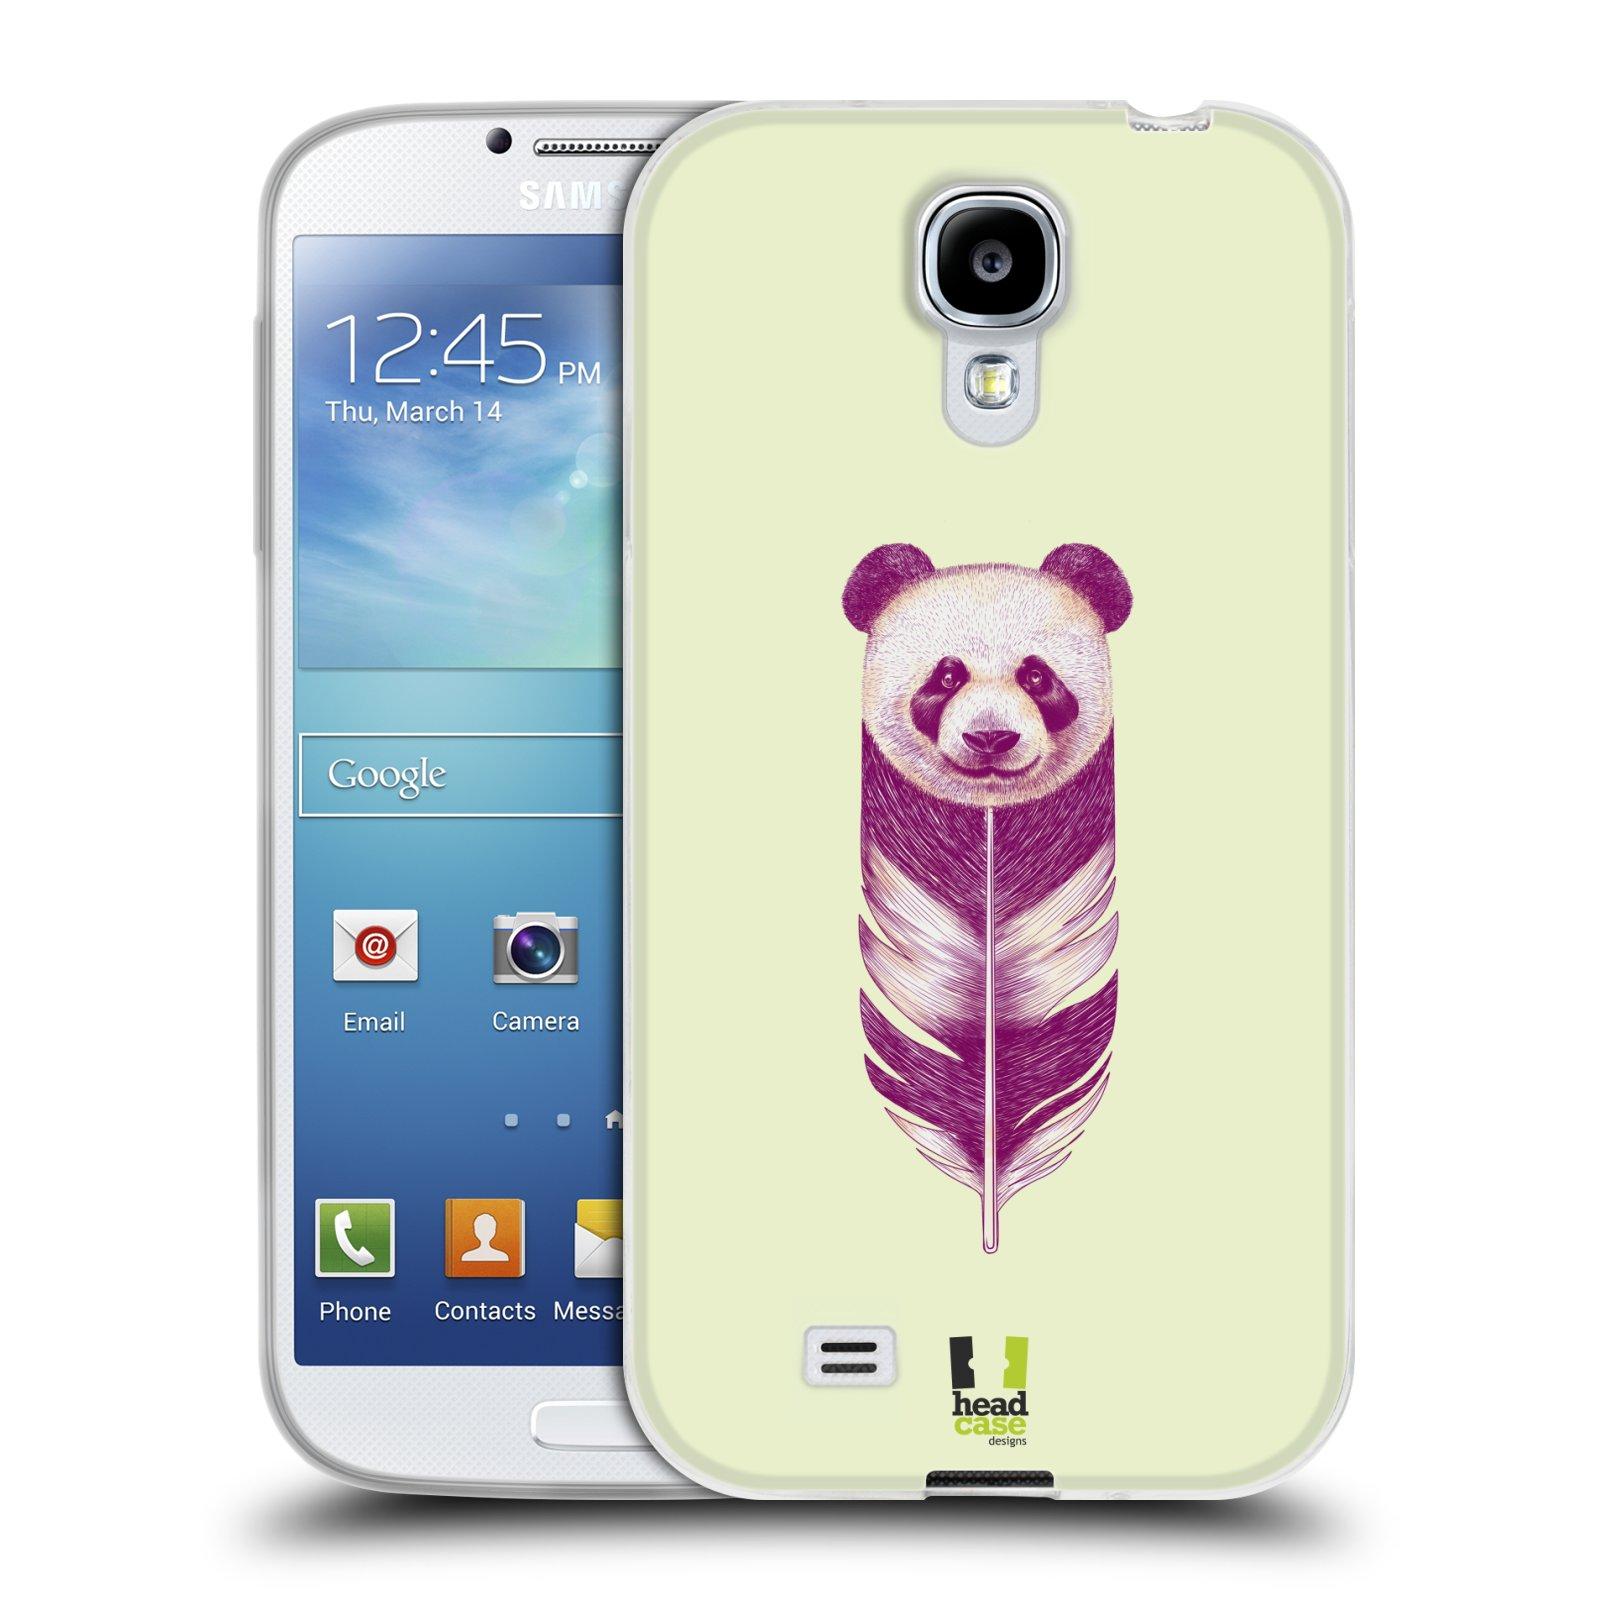 Silikonové pouzdro na mobil Samsung Galaxy S4 HEAD CASE PÍRKO PANDA (Silikonový kryt či obal na mobilní telefon Samsung Galaxy S4 GT-i9505 / i9500)